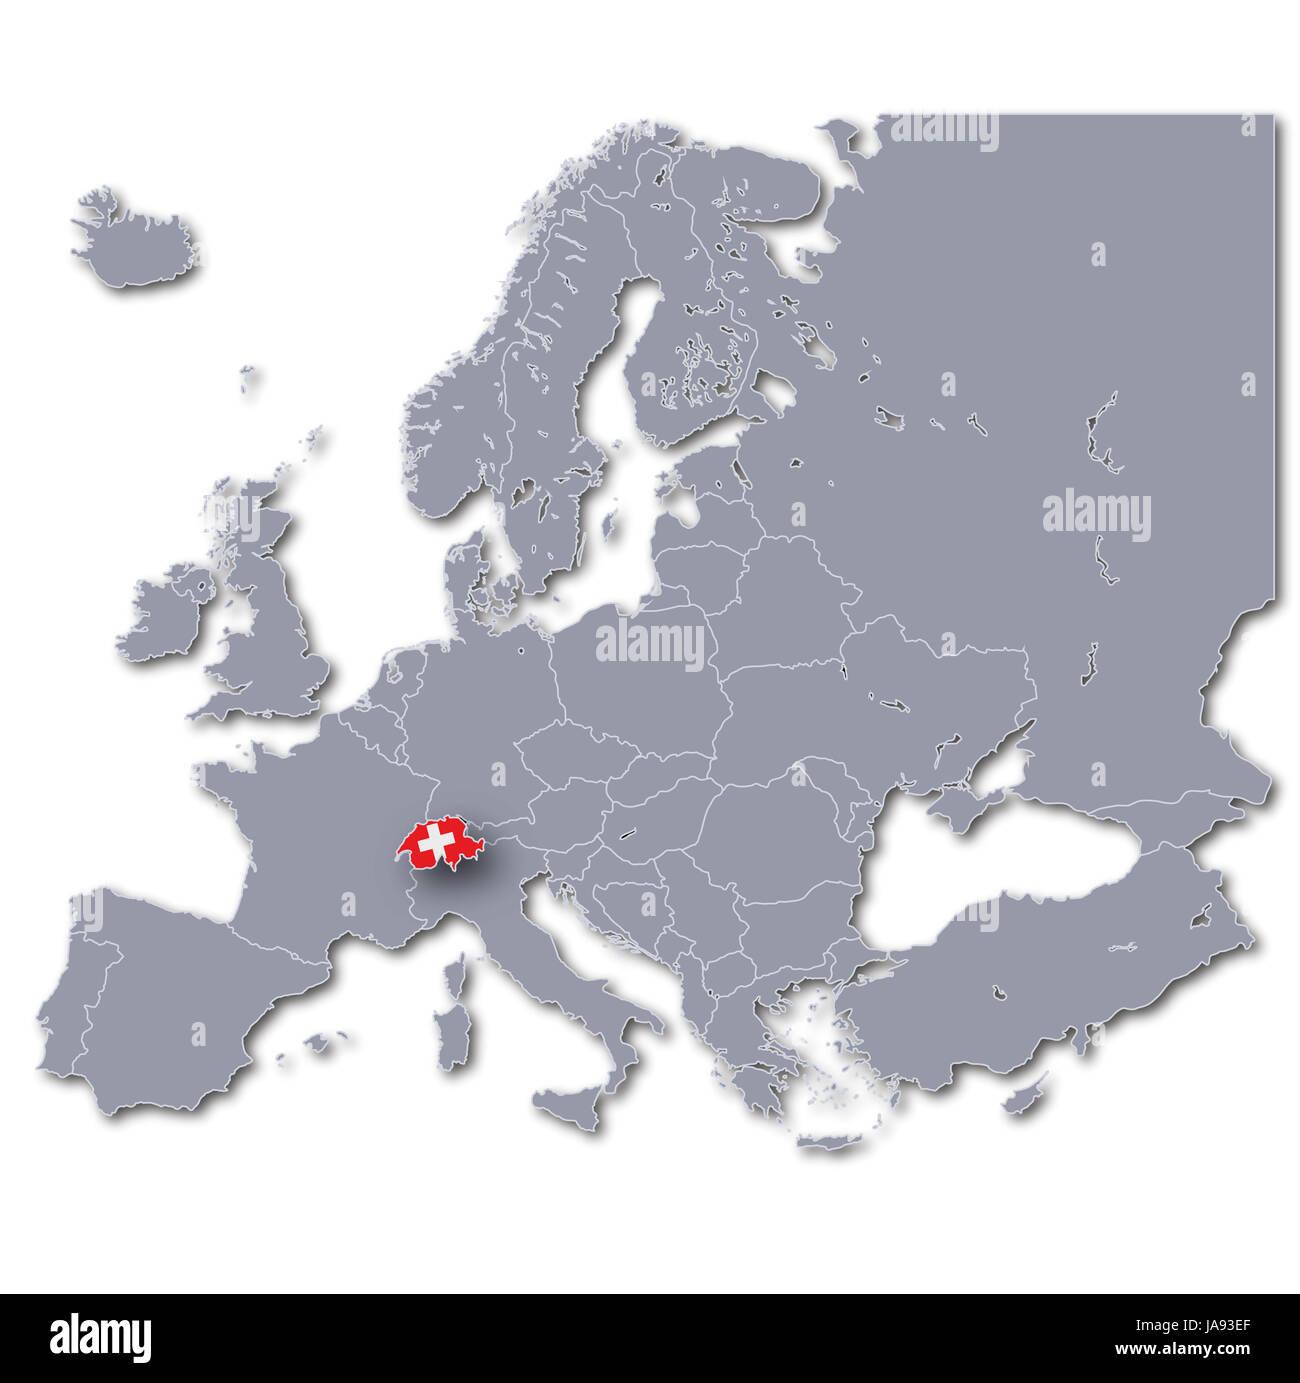 La Svizzera Cartina.Mappa Di Europa Con La Svizzera Foto Stock Alamy